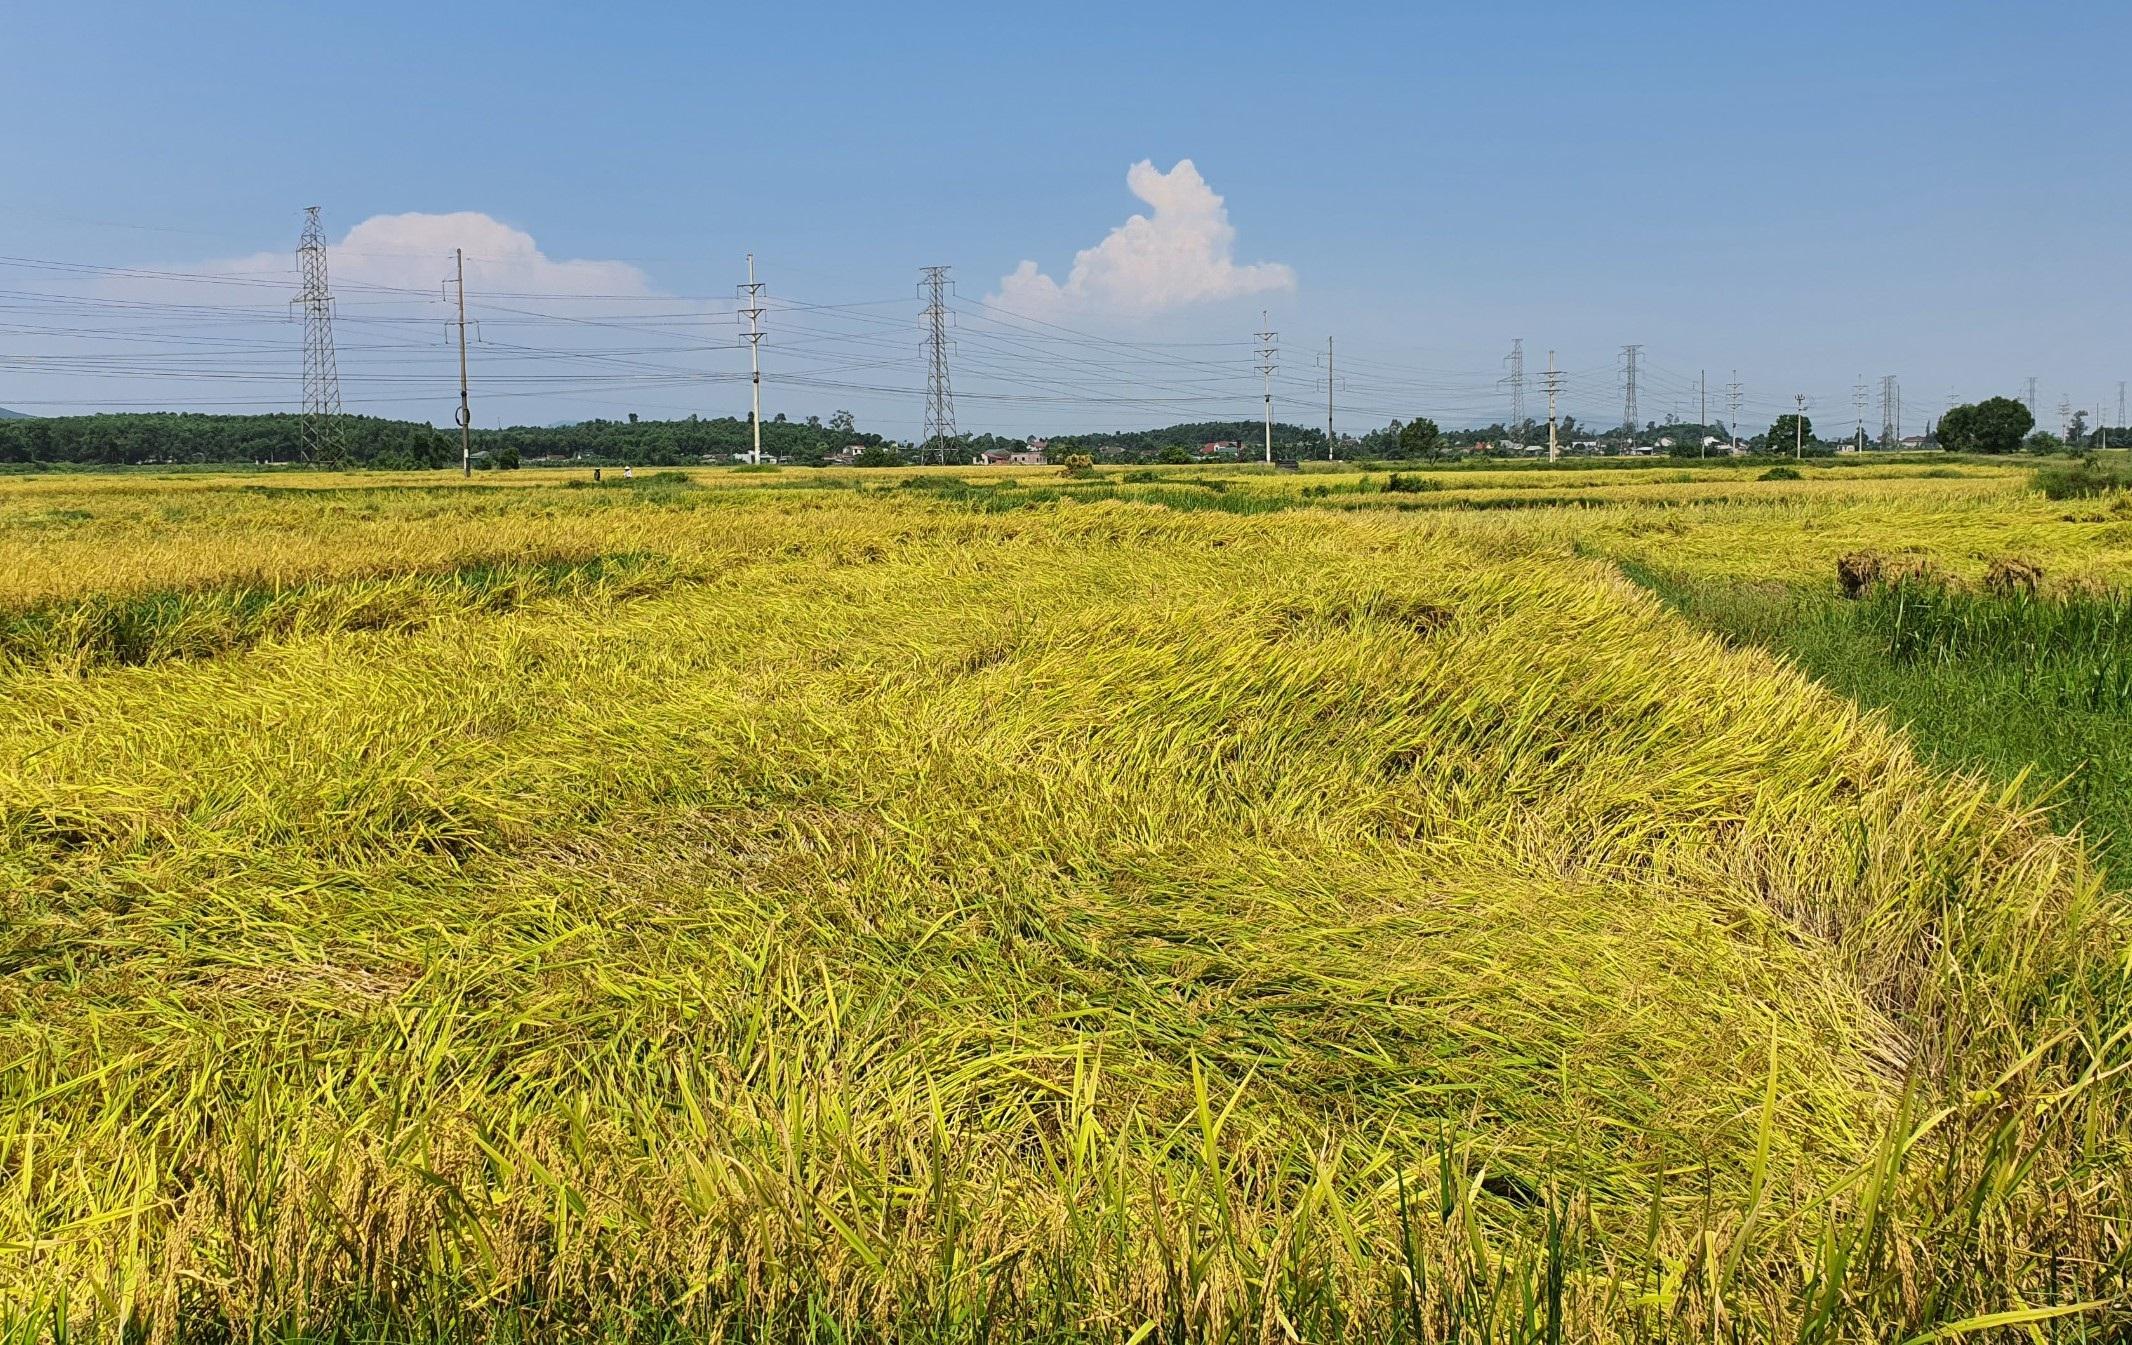 Máy gặt không dám đến ruộng, nông dân